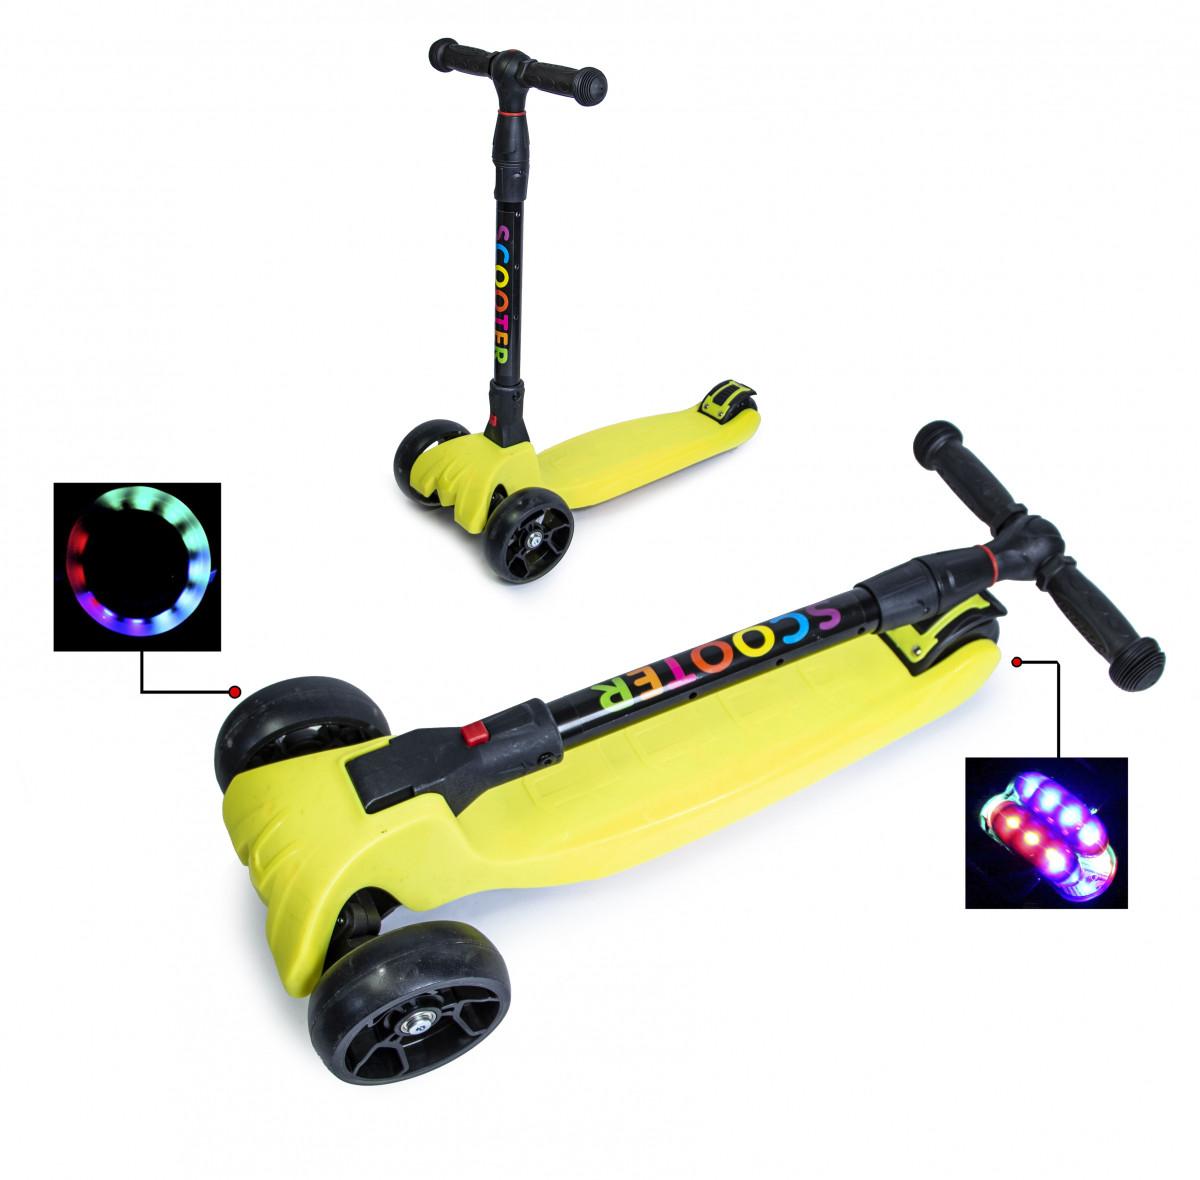 Детский трехколесный самокат Scooter Smart со светящимися колесами и складной ручкой, Yellow